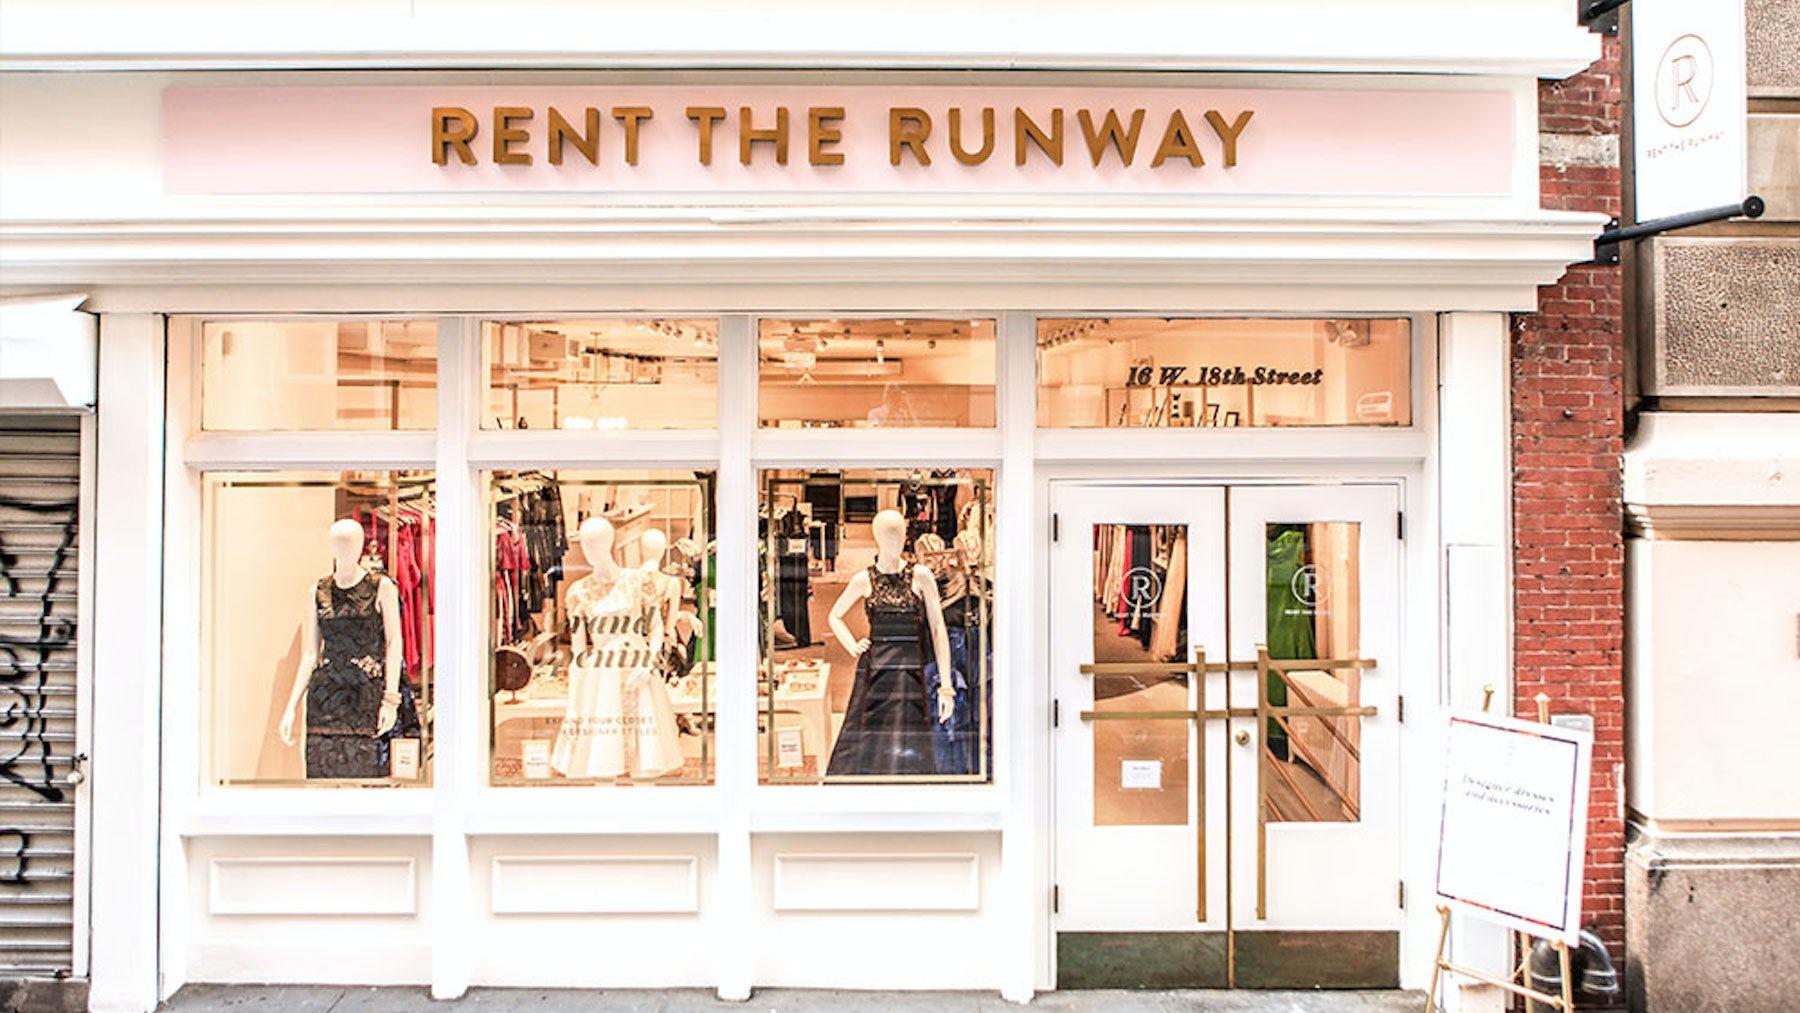 Rent the Runway store   Source: Rent the Runway